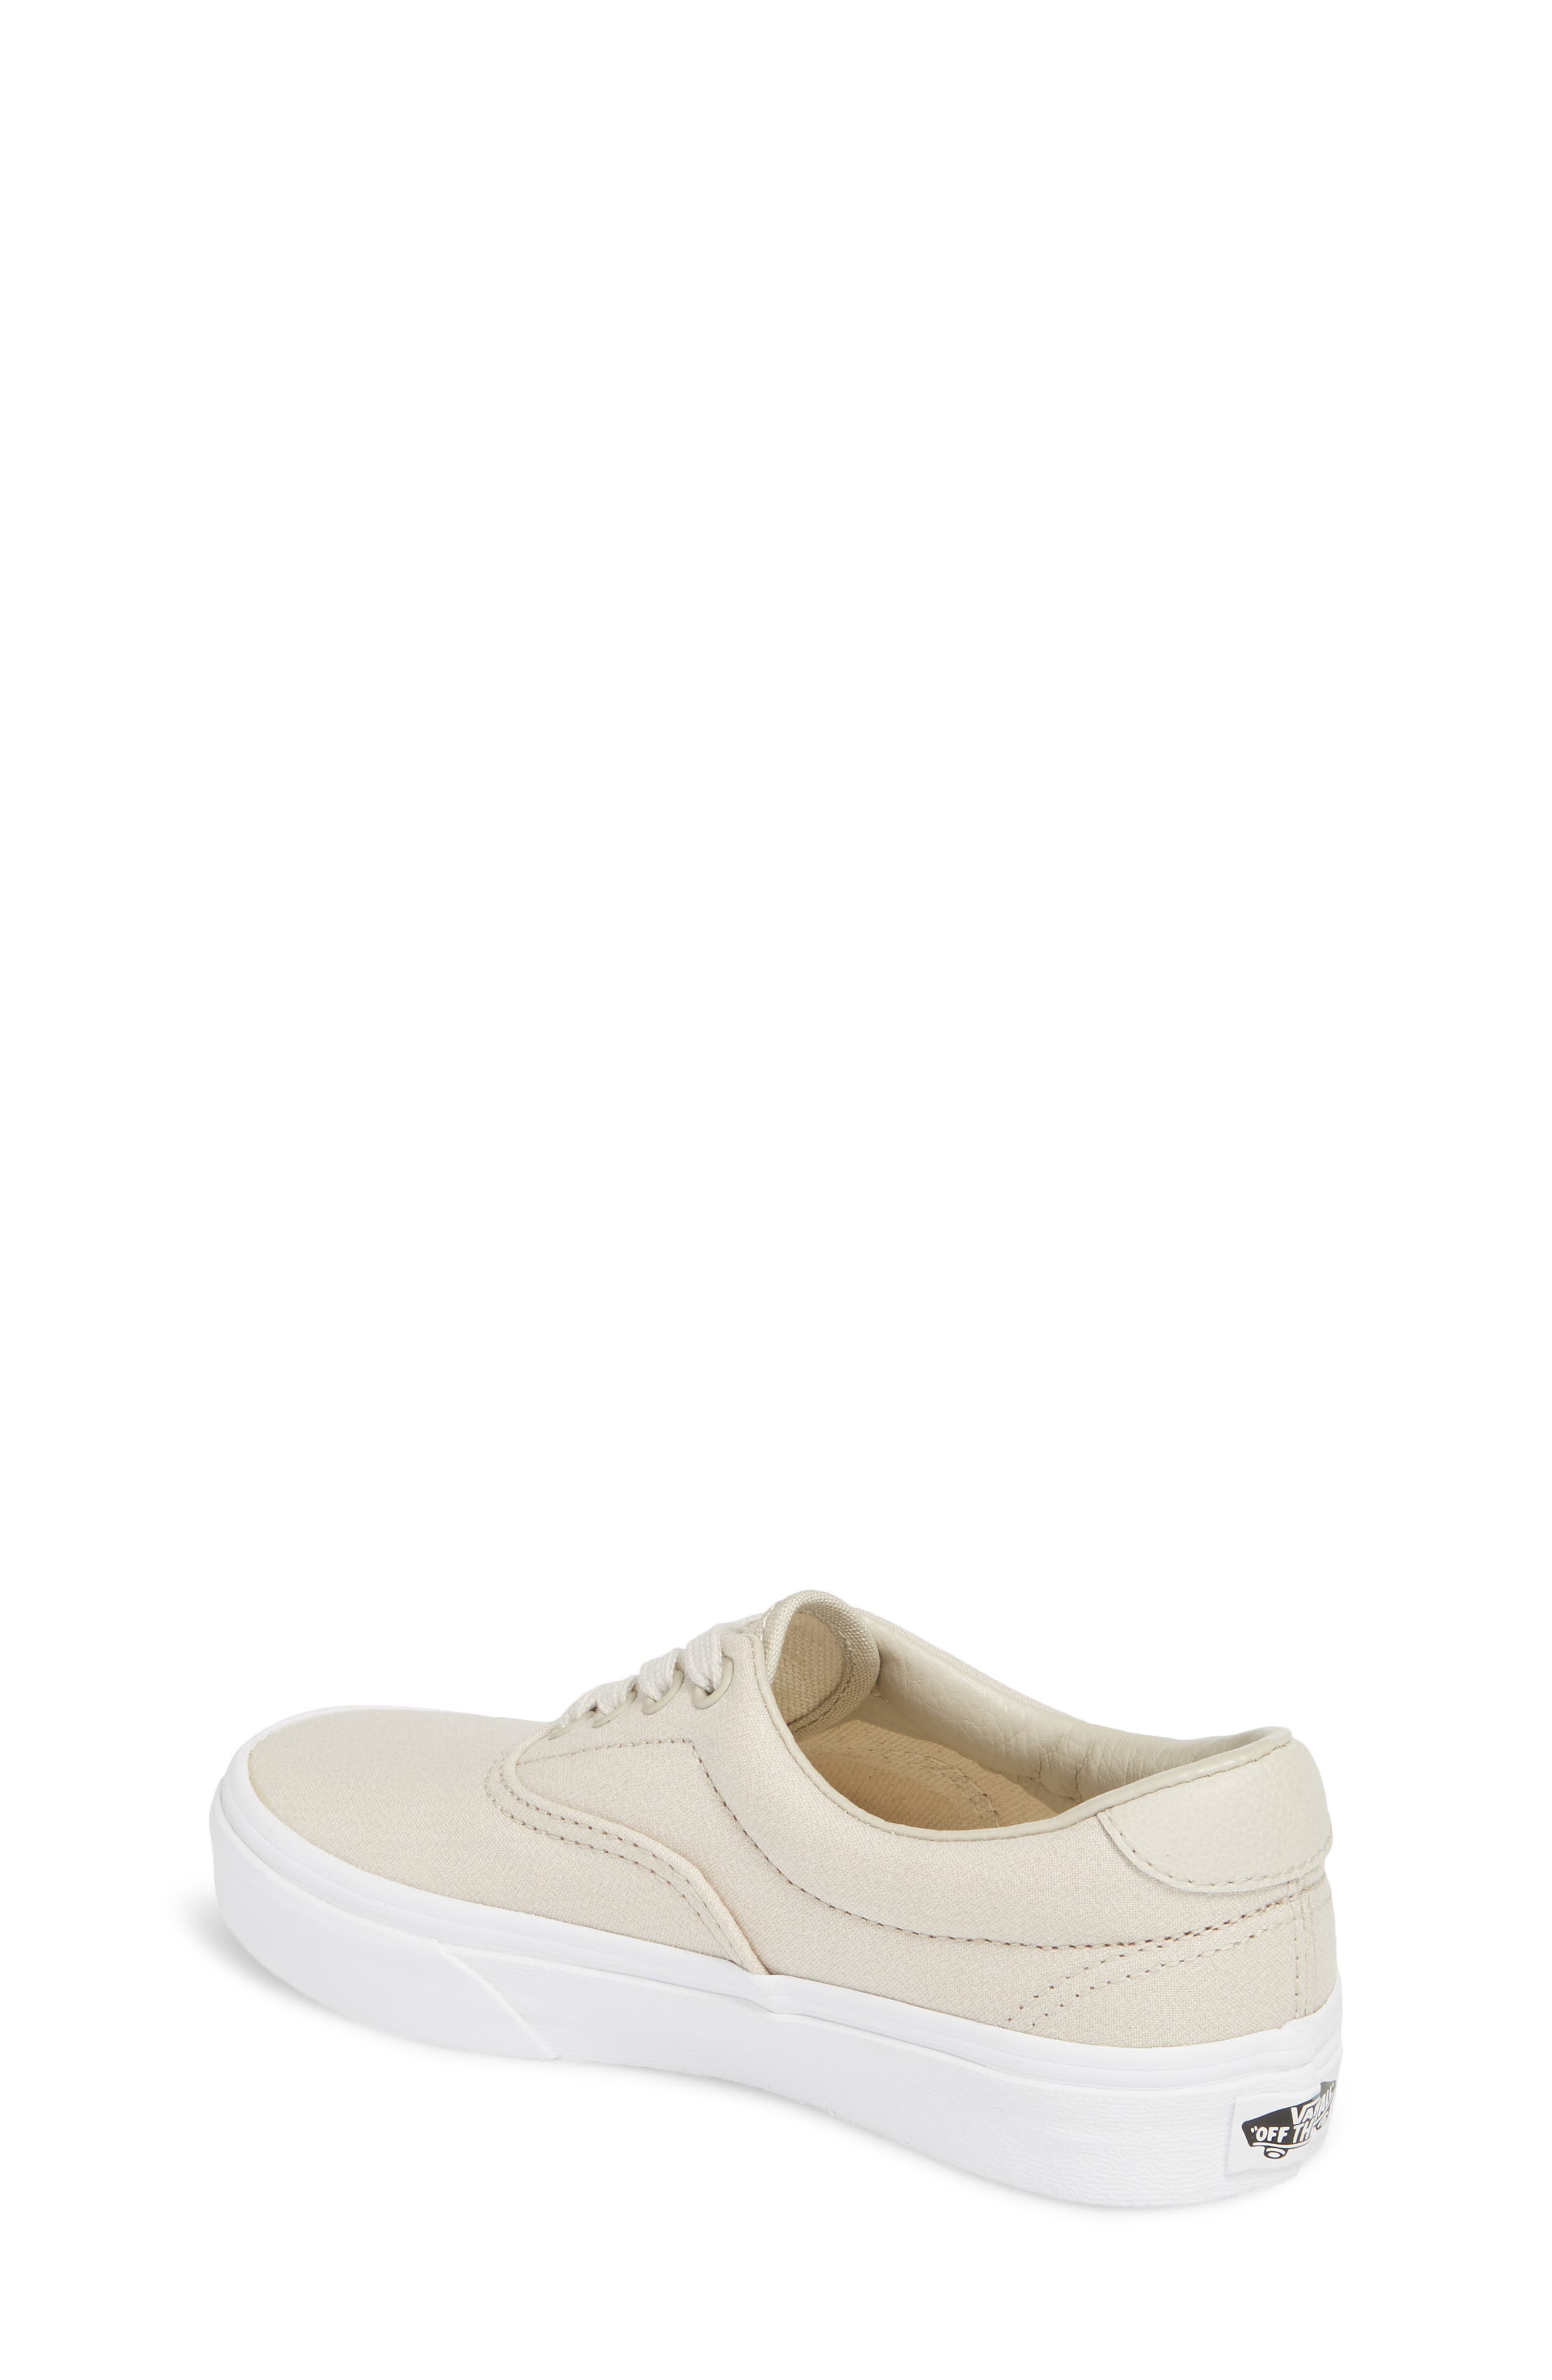 Era 59 Bleacher Sneaker,                             Alternate thumbnail 2, color,                             Silver Lining/ True White